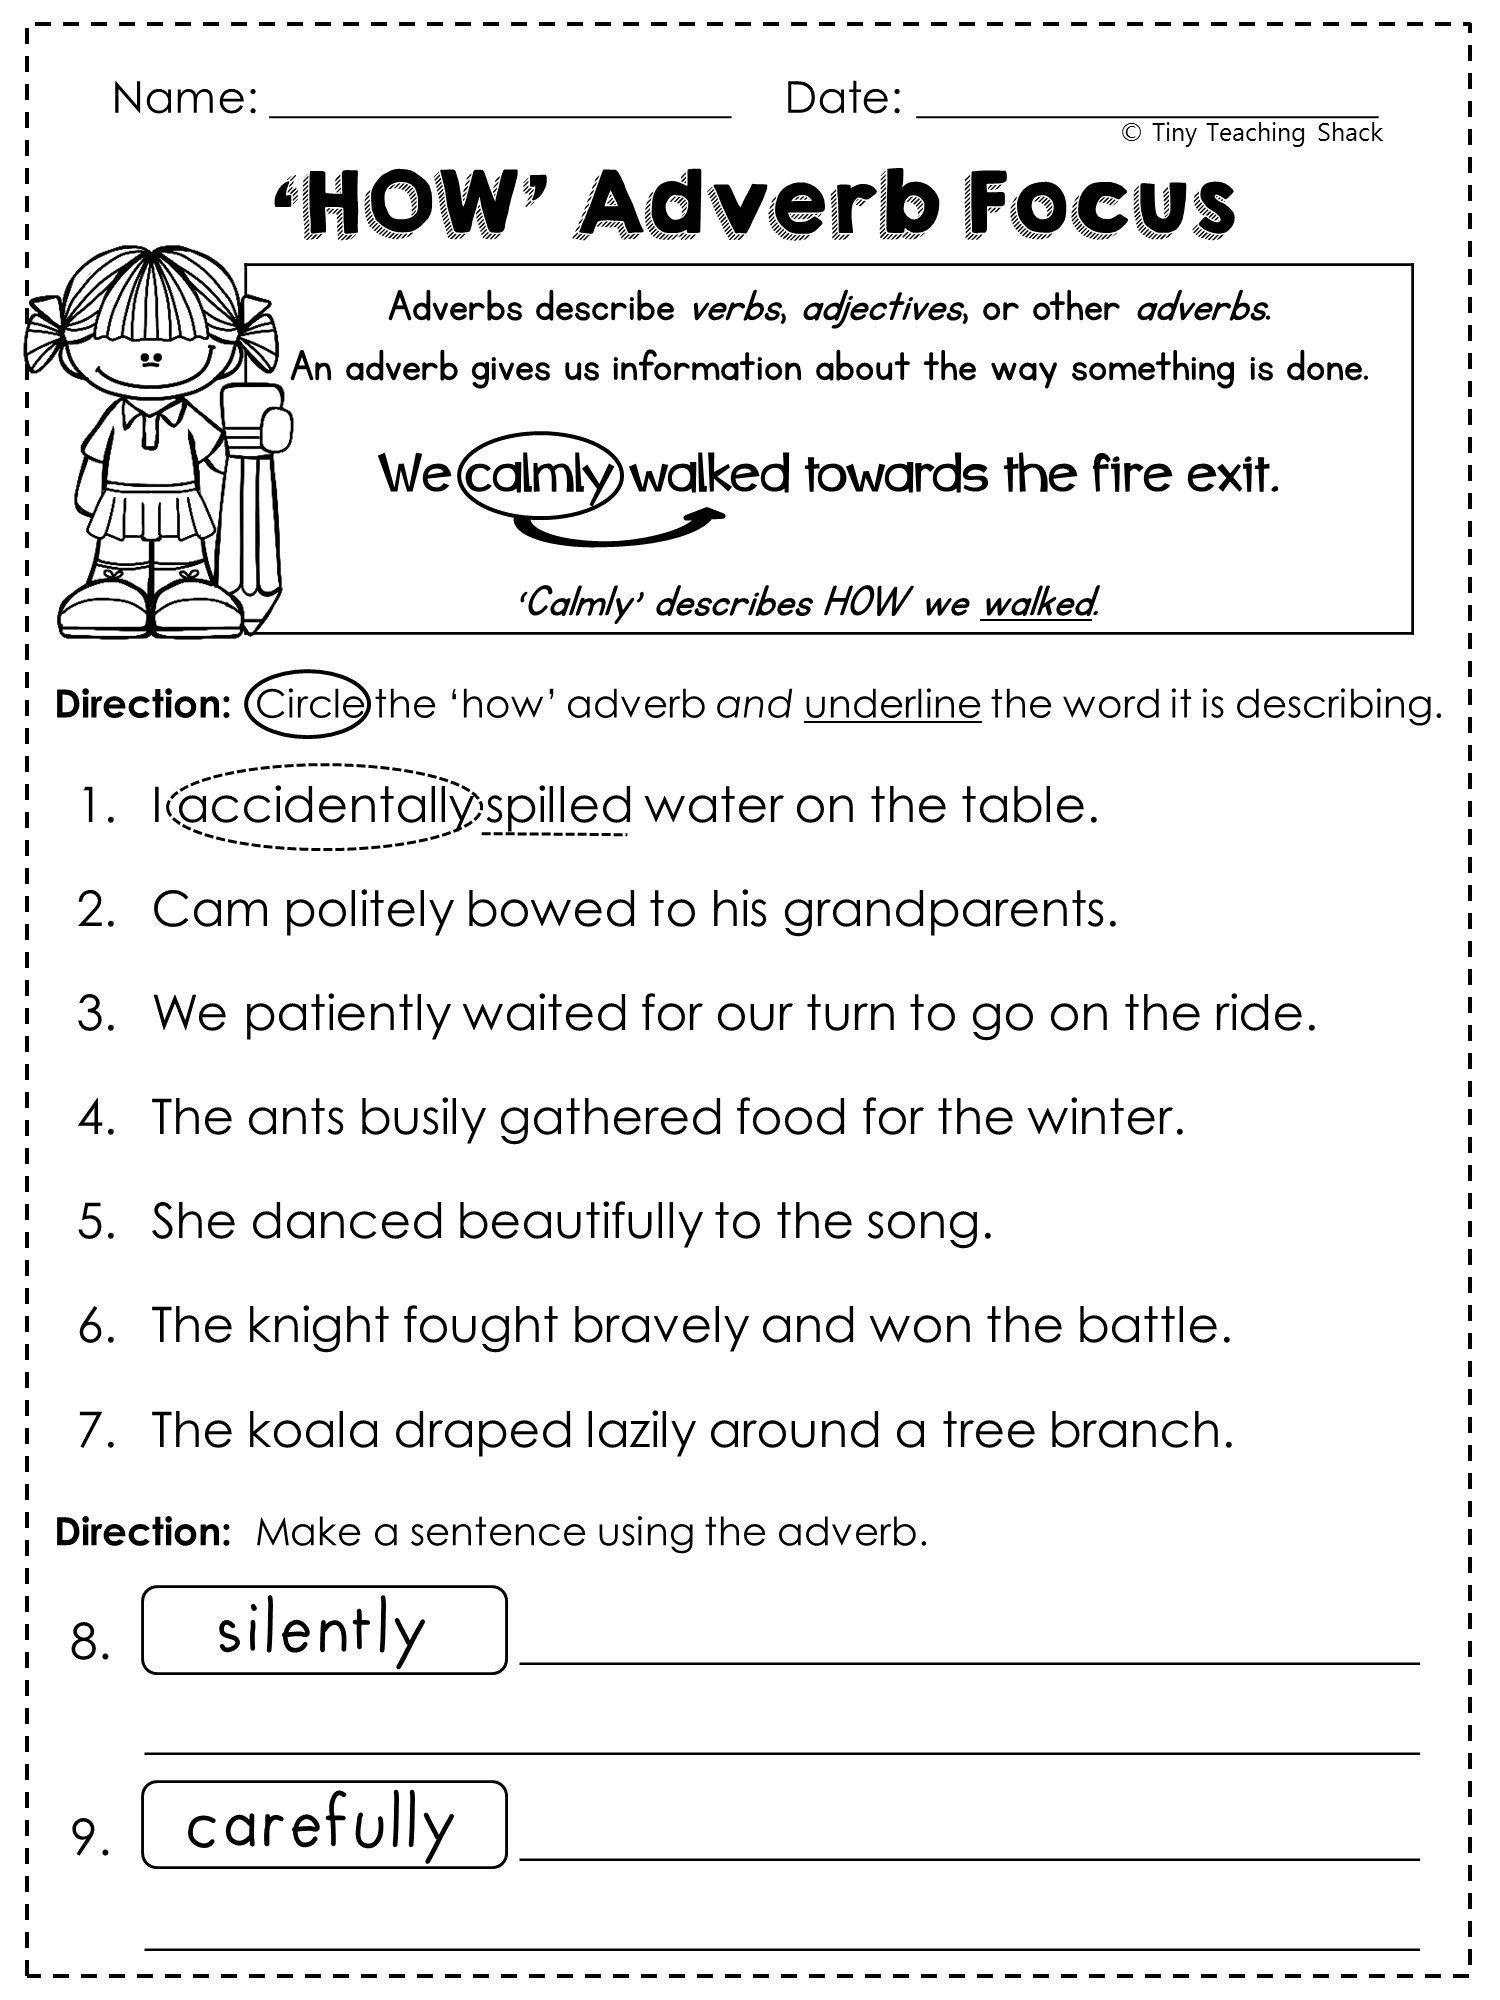 2nd Grade Grammer Worksheets 5 Grade Grammar Worksheets   Language arts  worksheets [ 2000 x 1500 Pixel ]